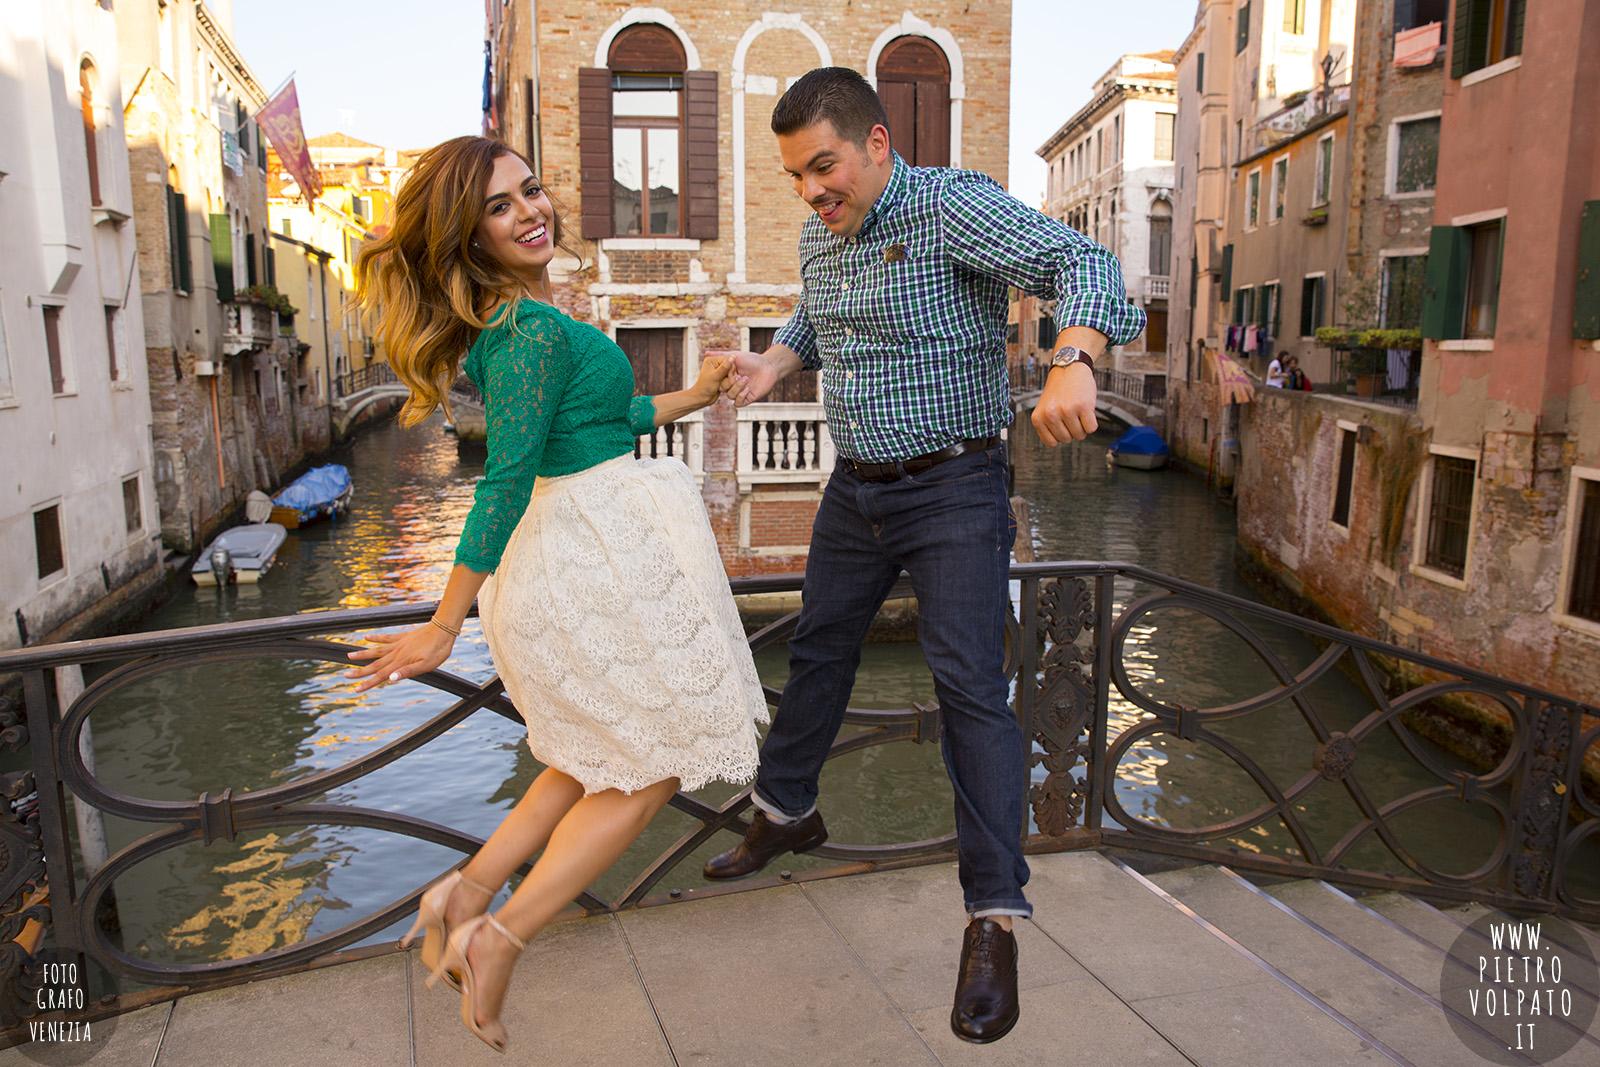 Anniversario Di Matrimonio A Venezia.Fotografo A Venezia Per Foto Anniversario Matrimonio